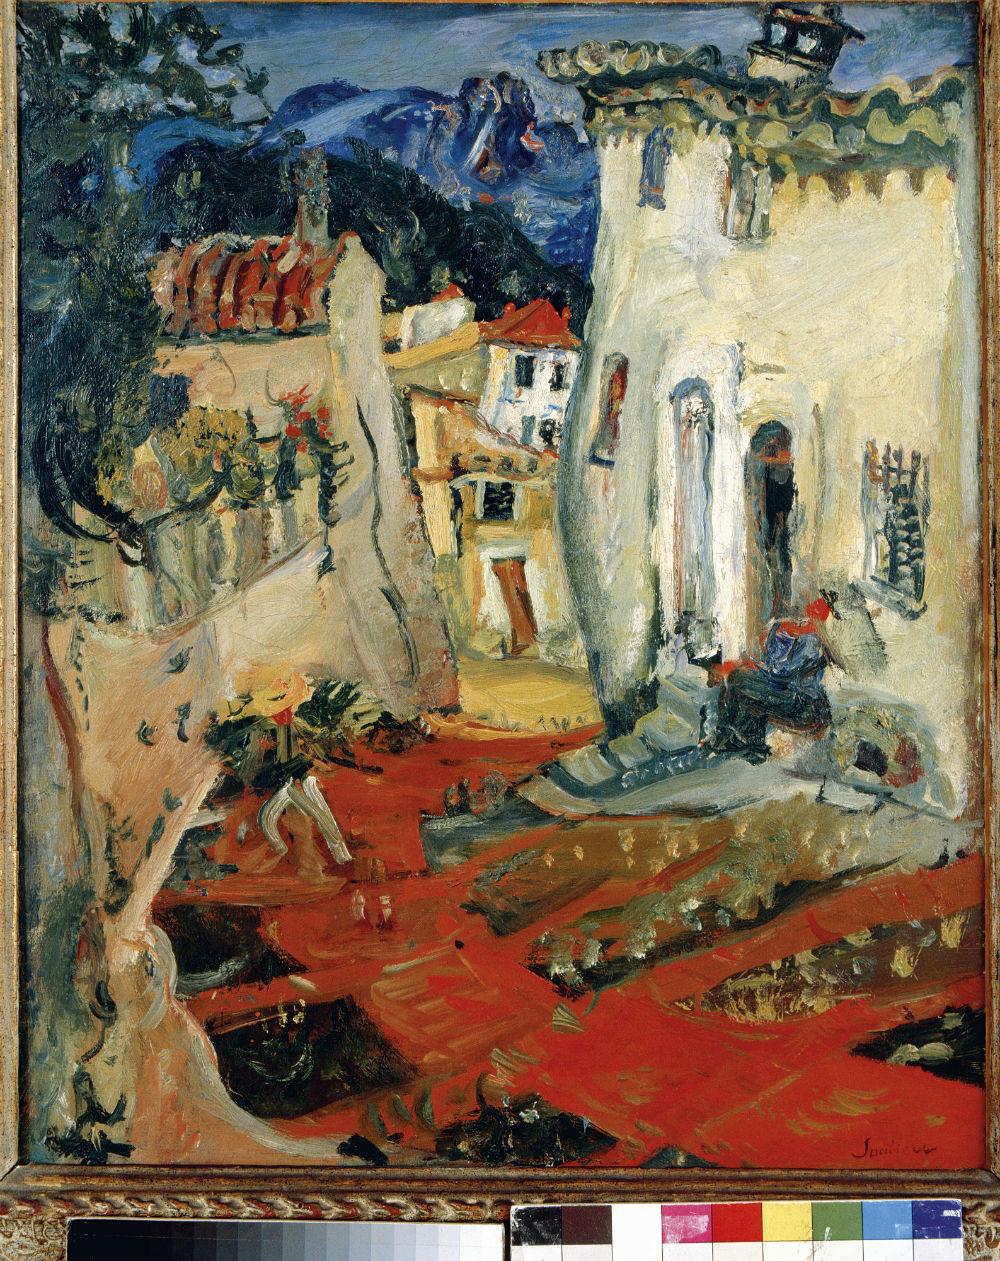 Rue à Cagnes, 1924.